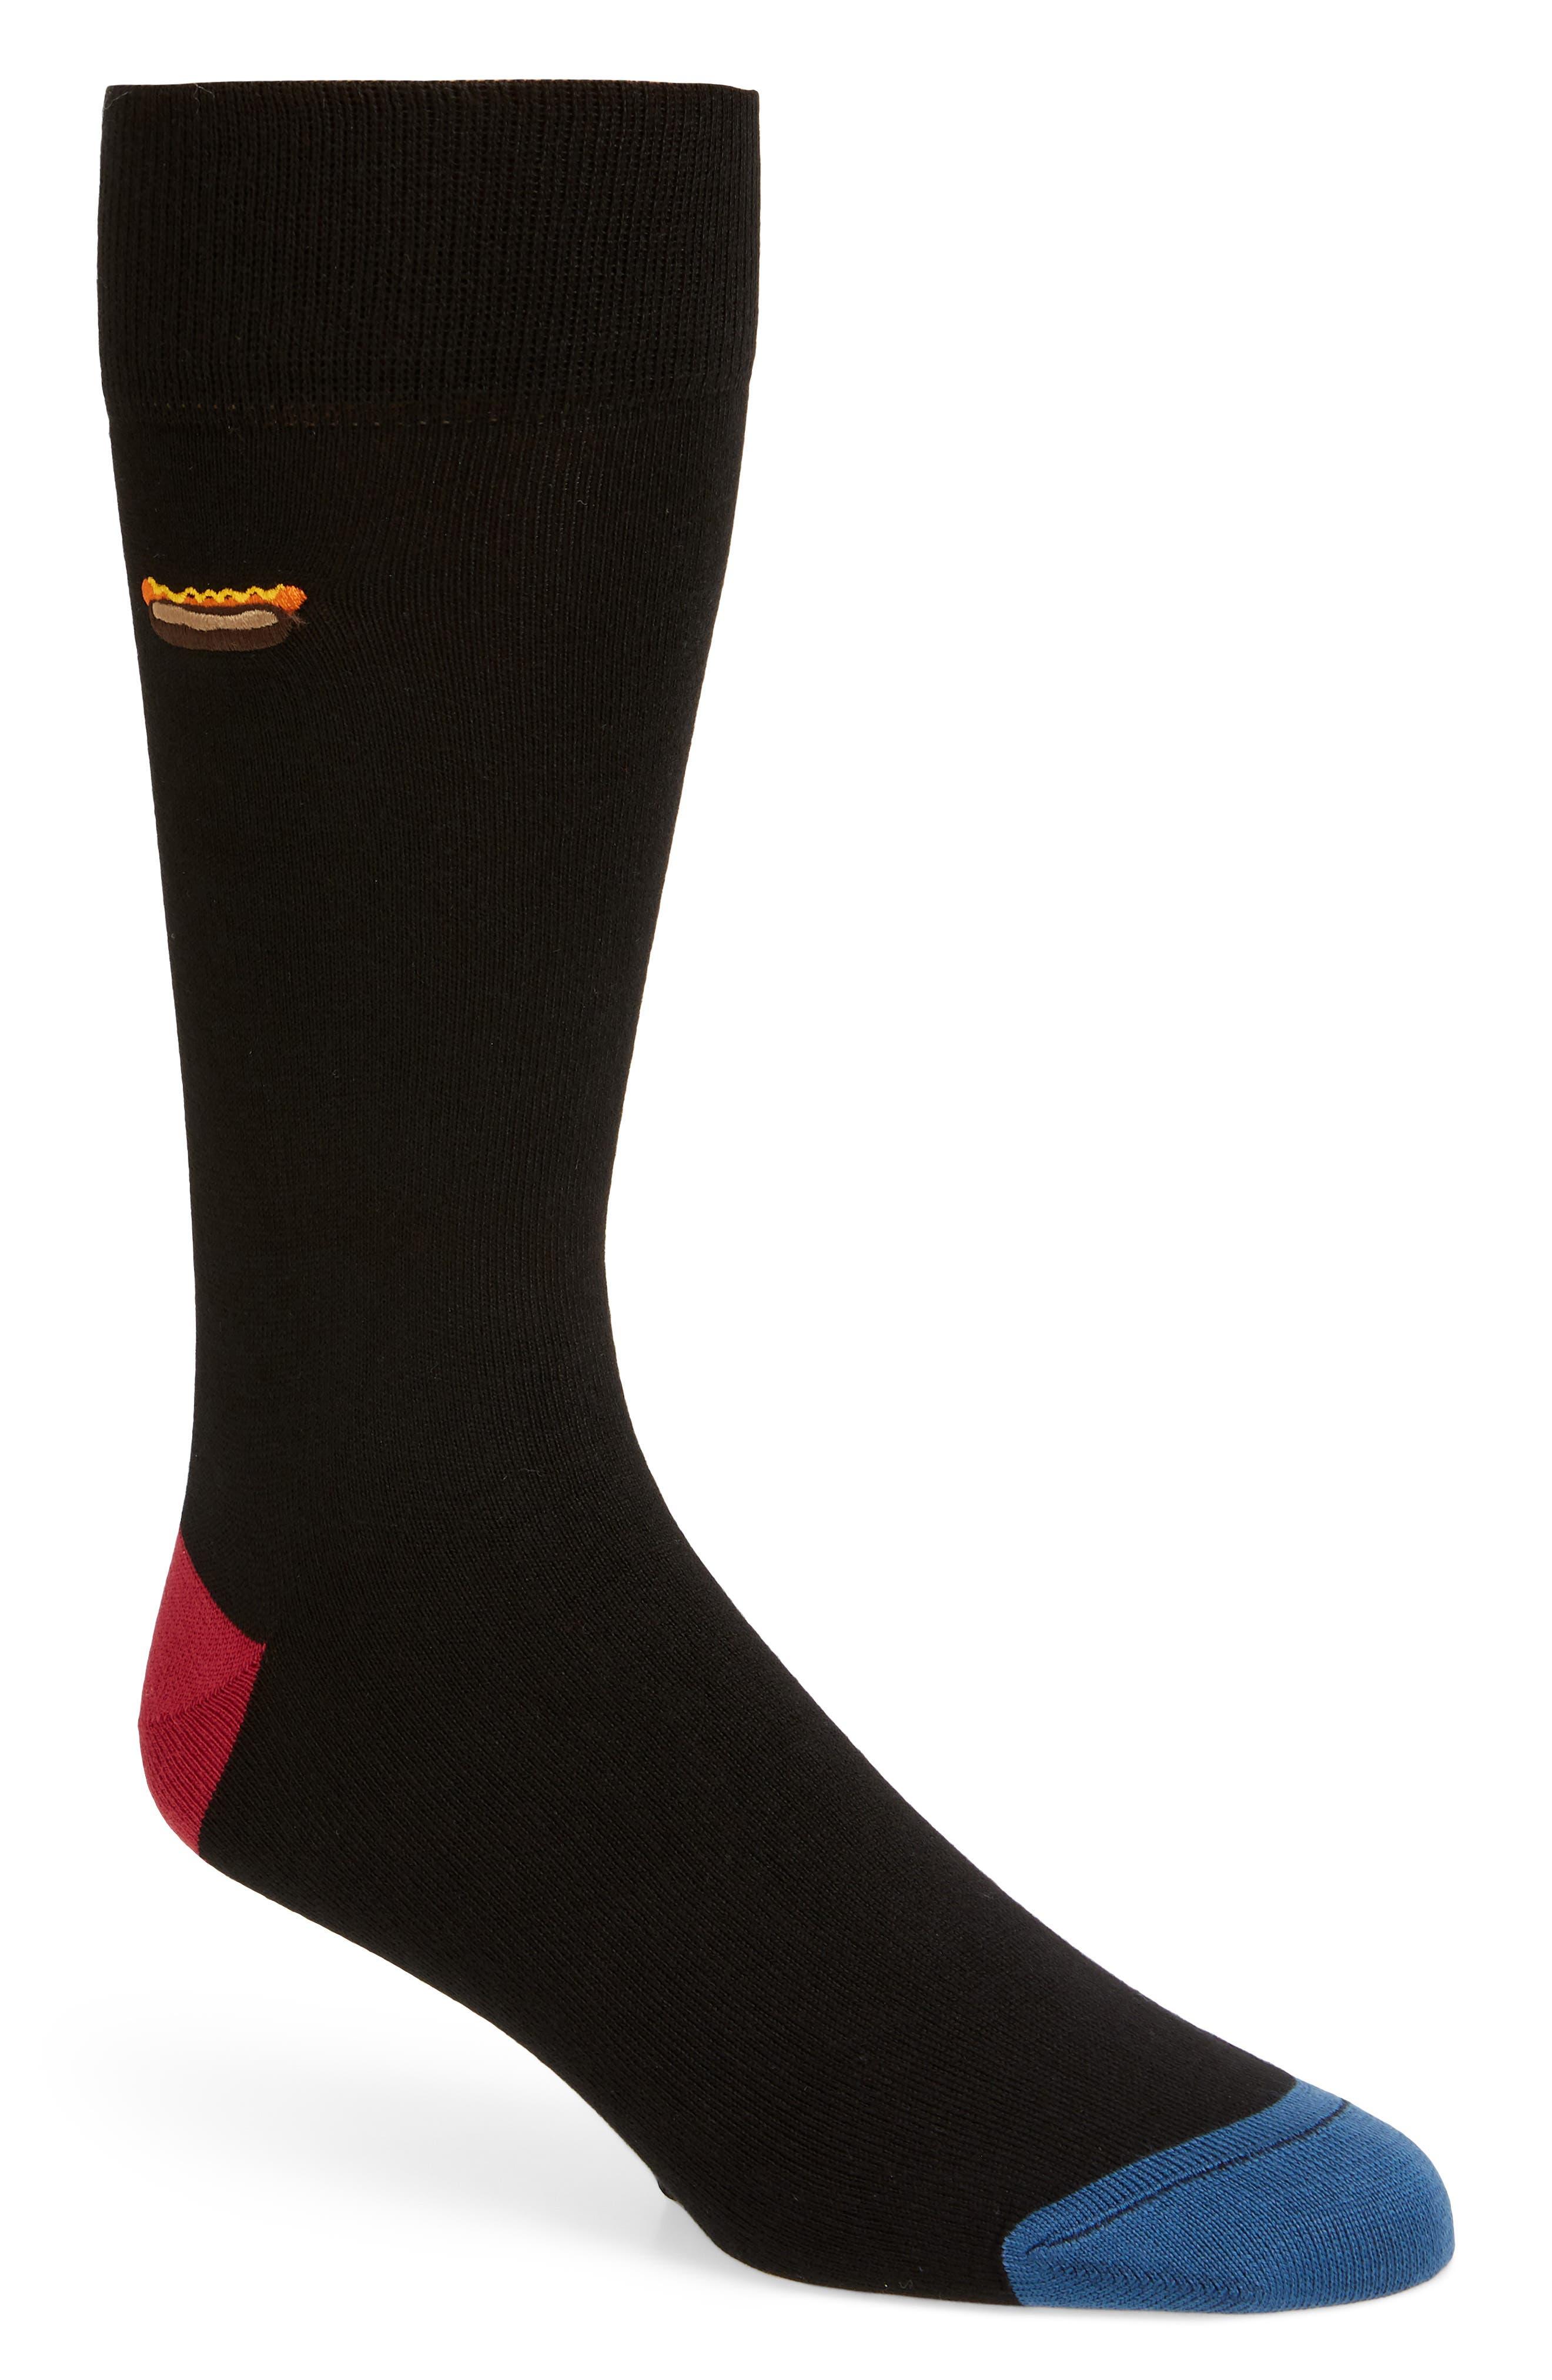 Food Socks,                         Main,                         color, BLACK